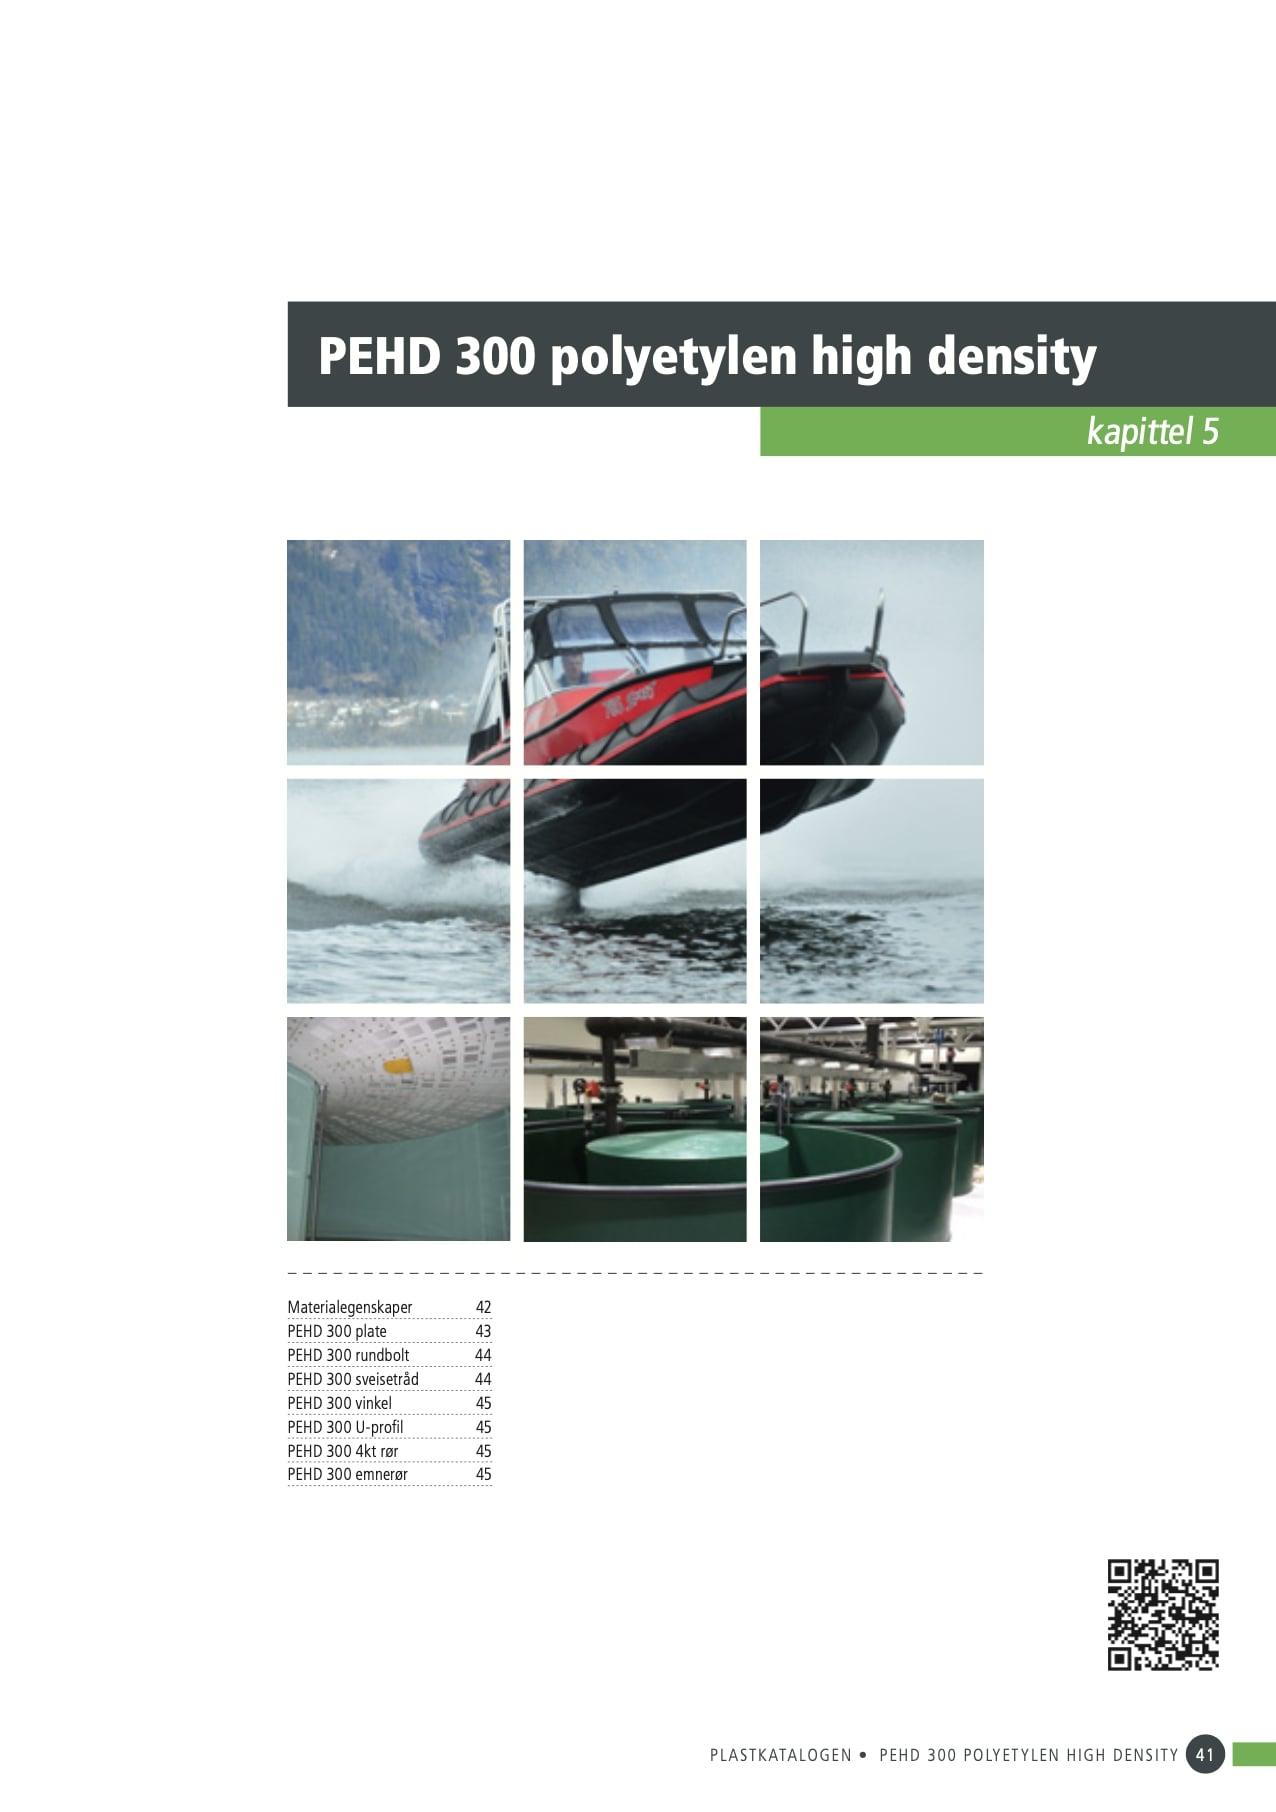 5. PEHD 300